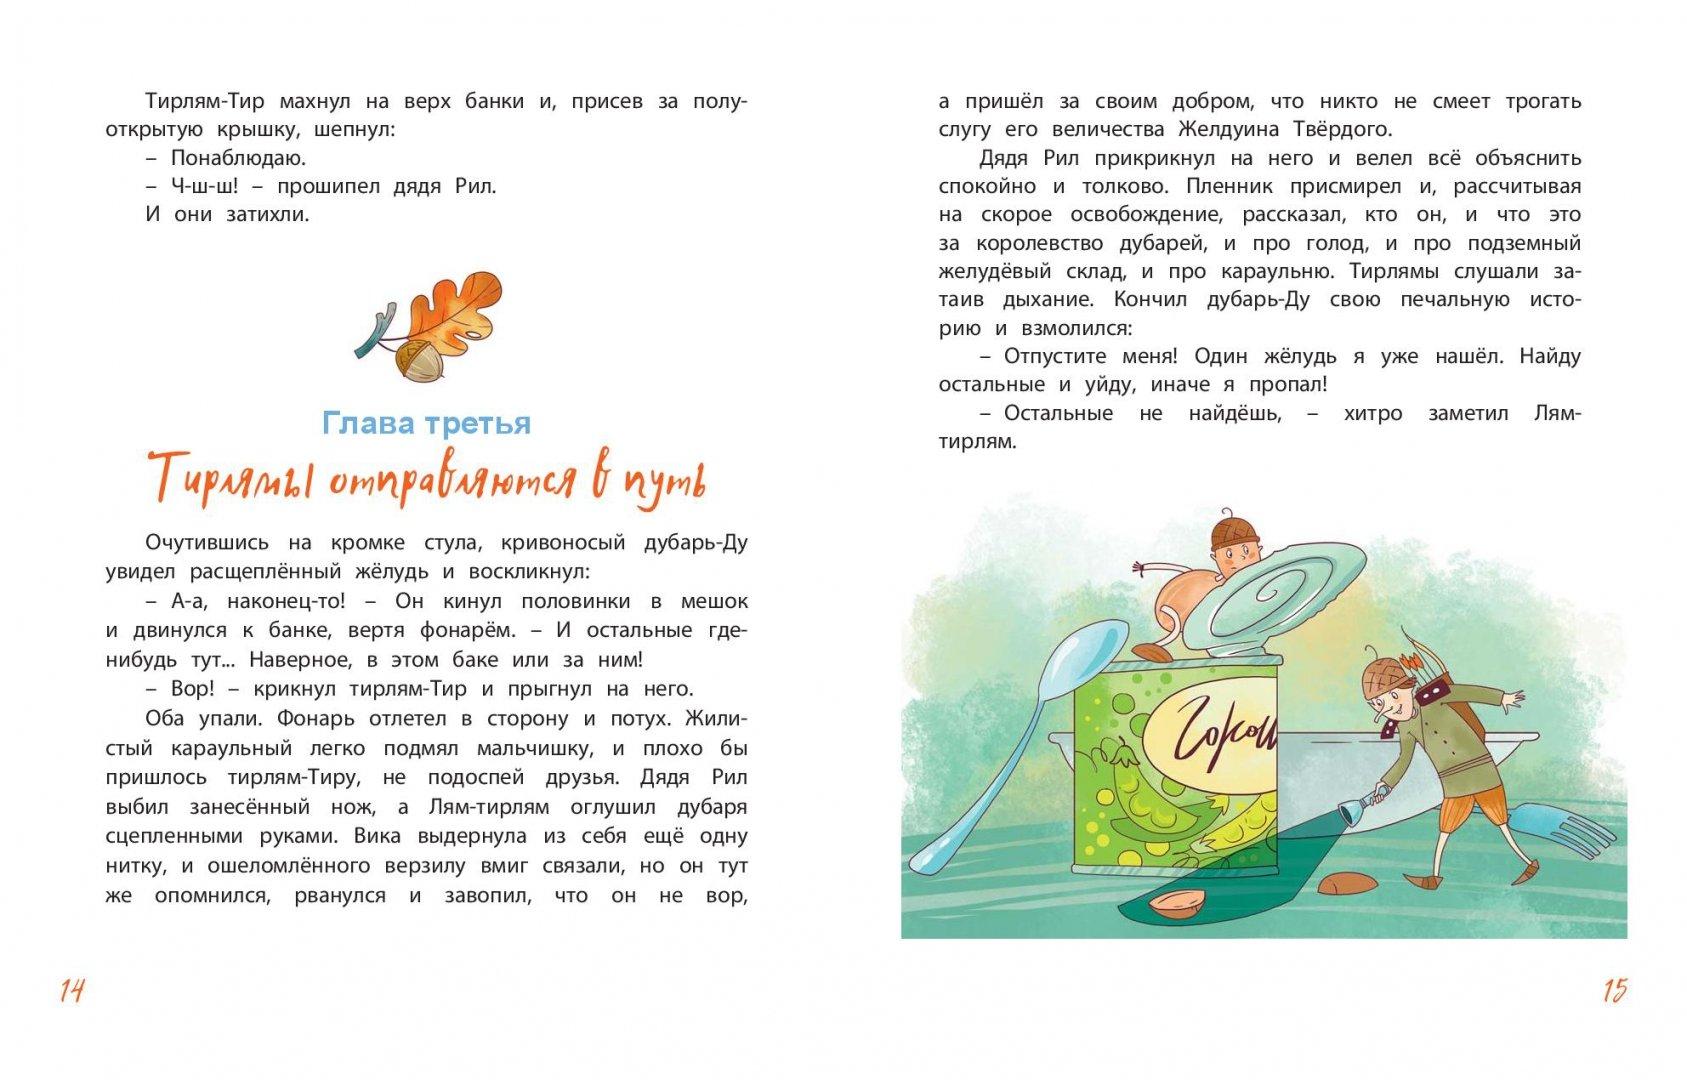 Иллюстрация 1 из 24 для Тирлямы в подземном королевстве - Геннадий Михасенко | Лабиринт - книги. Источник: Лабиринт